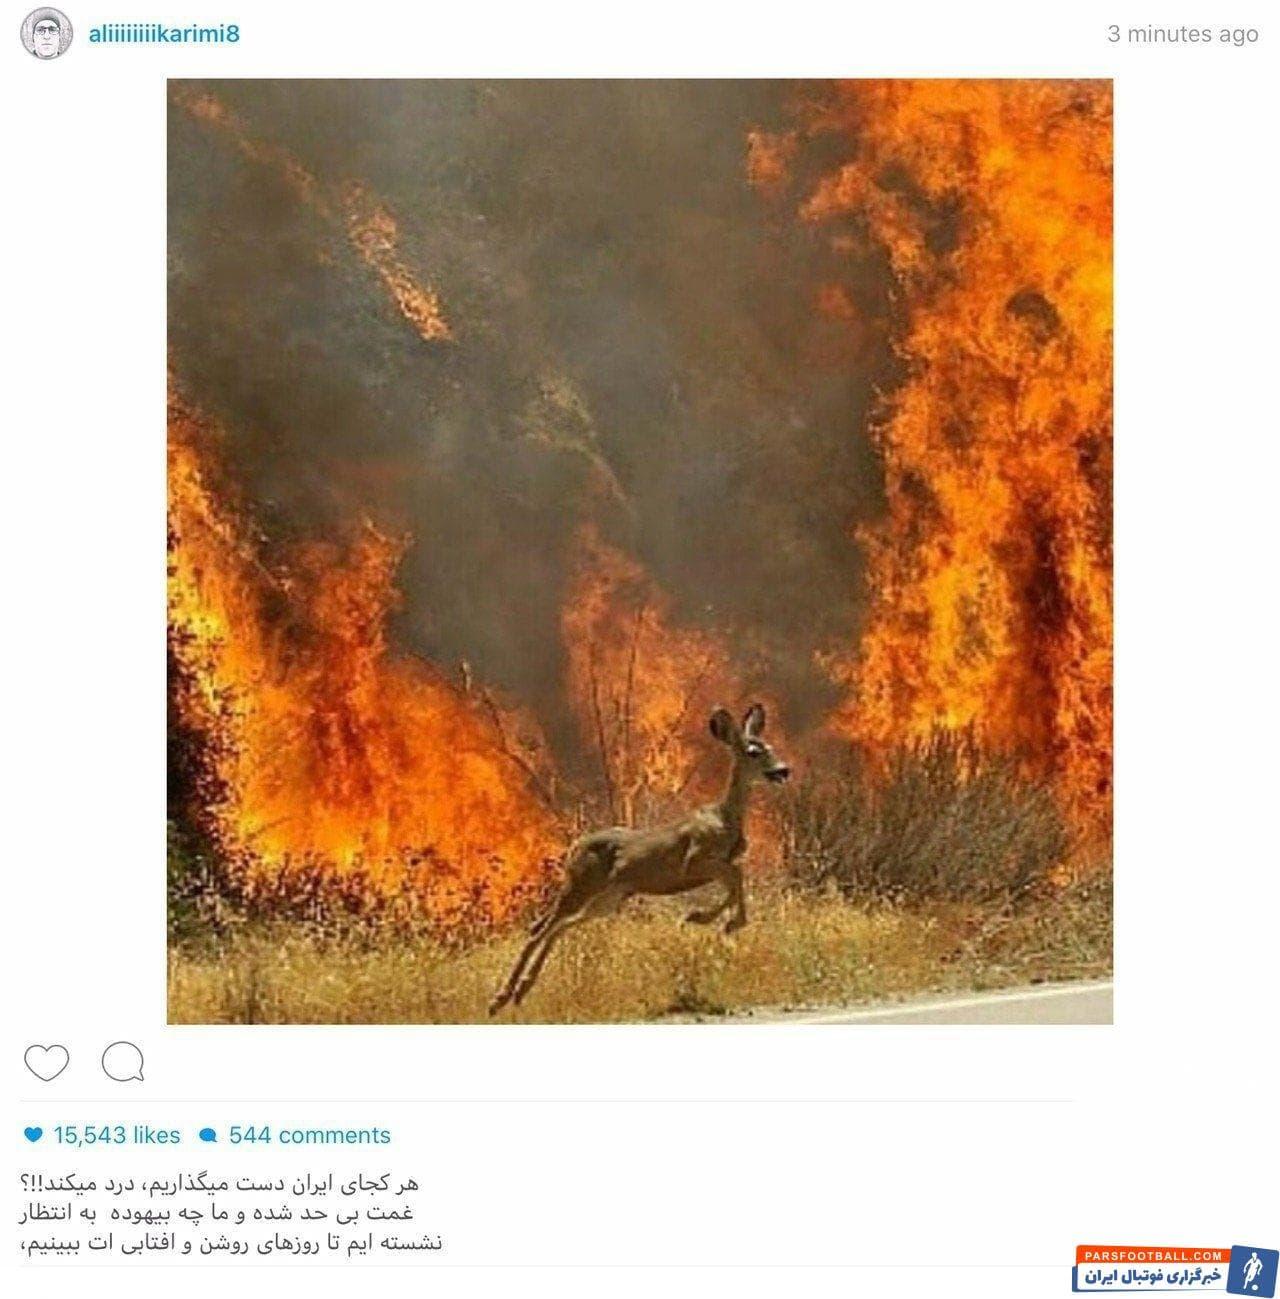 علی کریمی در واکنش به آتشگرفتن به جنگلهای زاگرس در صفحه اینستاگرام خود نوشت: هر کجاى ایران دست میگذاریم، درد میکند!